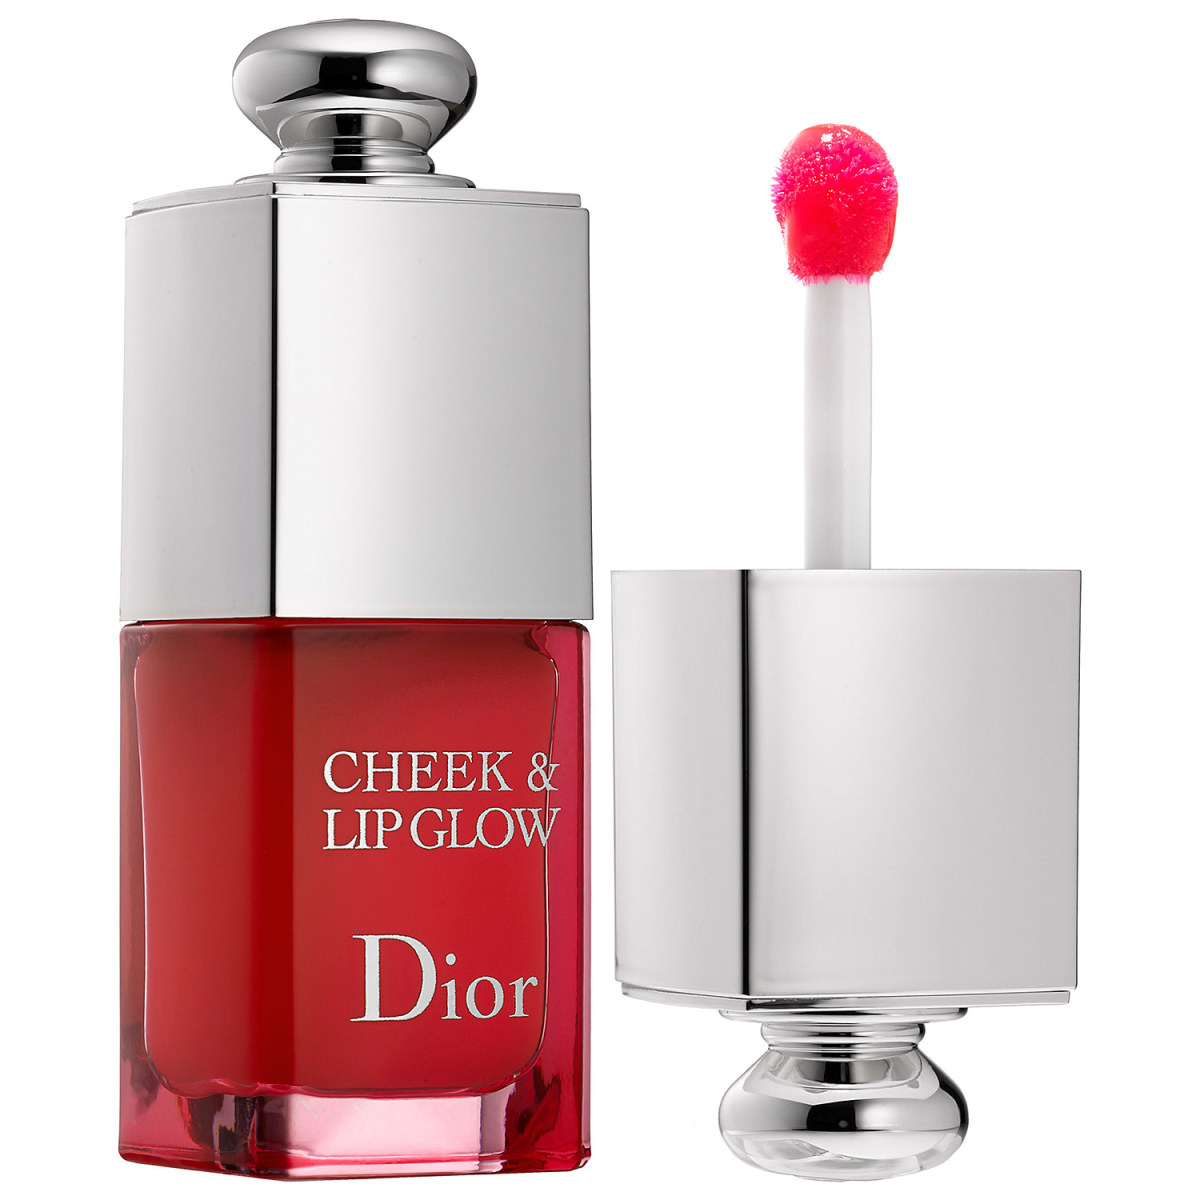 Dior Cheek & Lip Glow